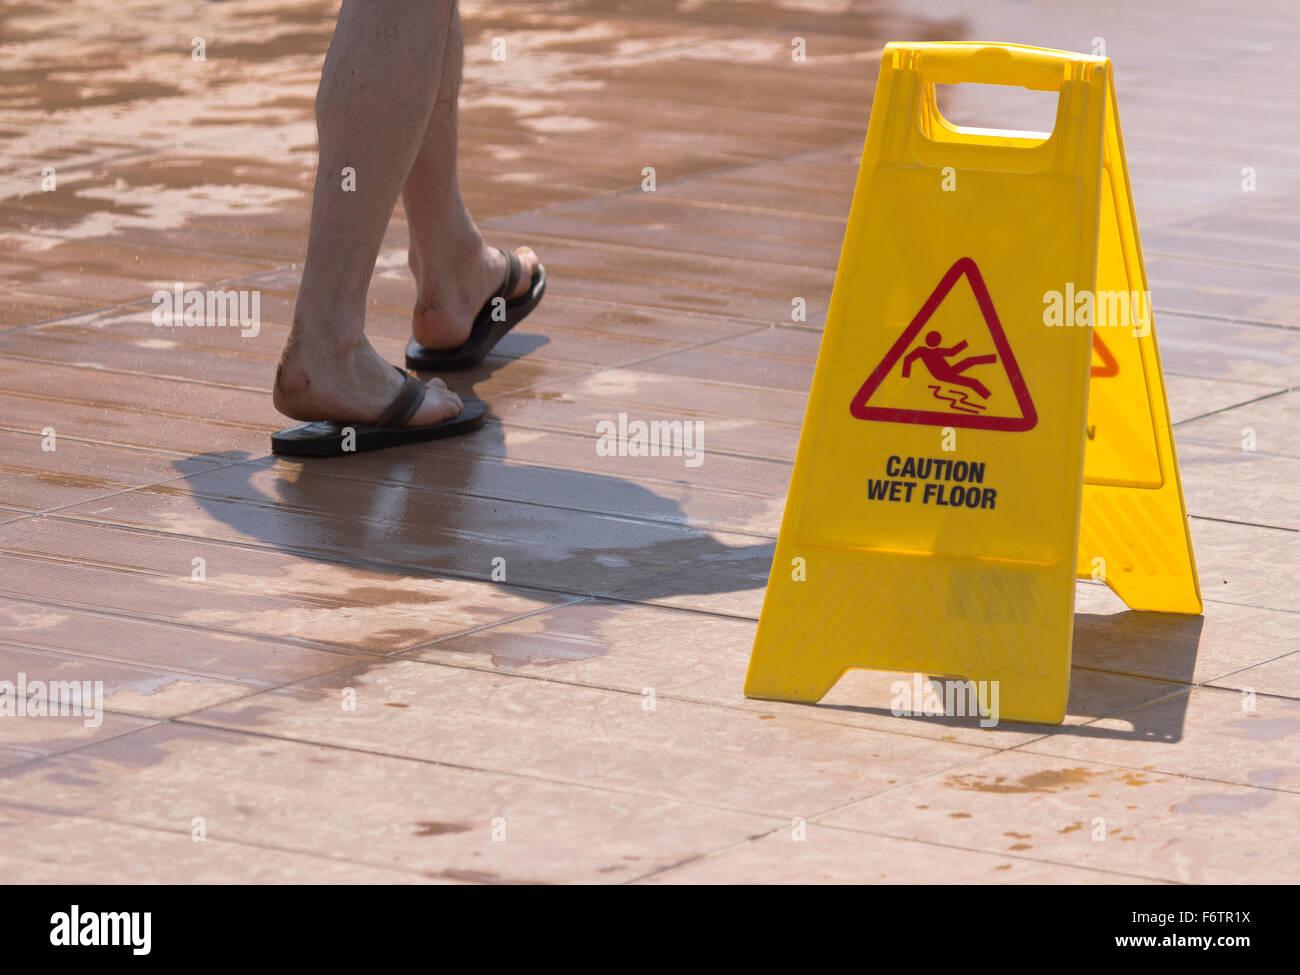 Wet floor sign - Stock Image